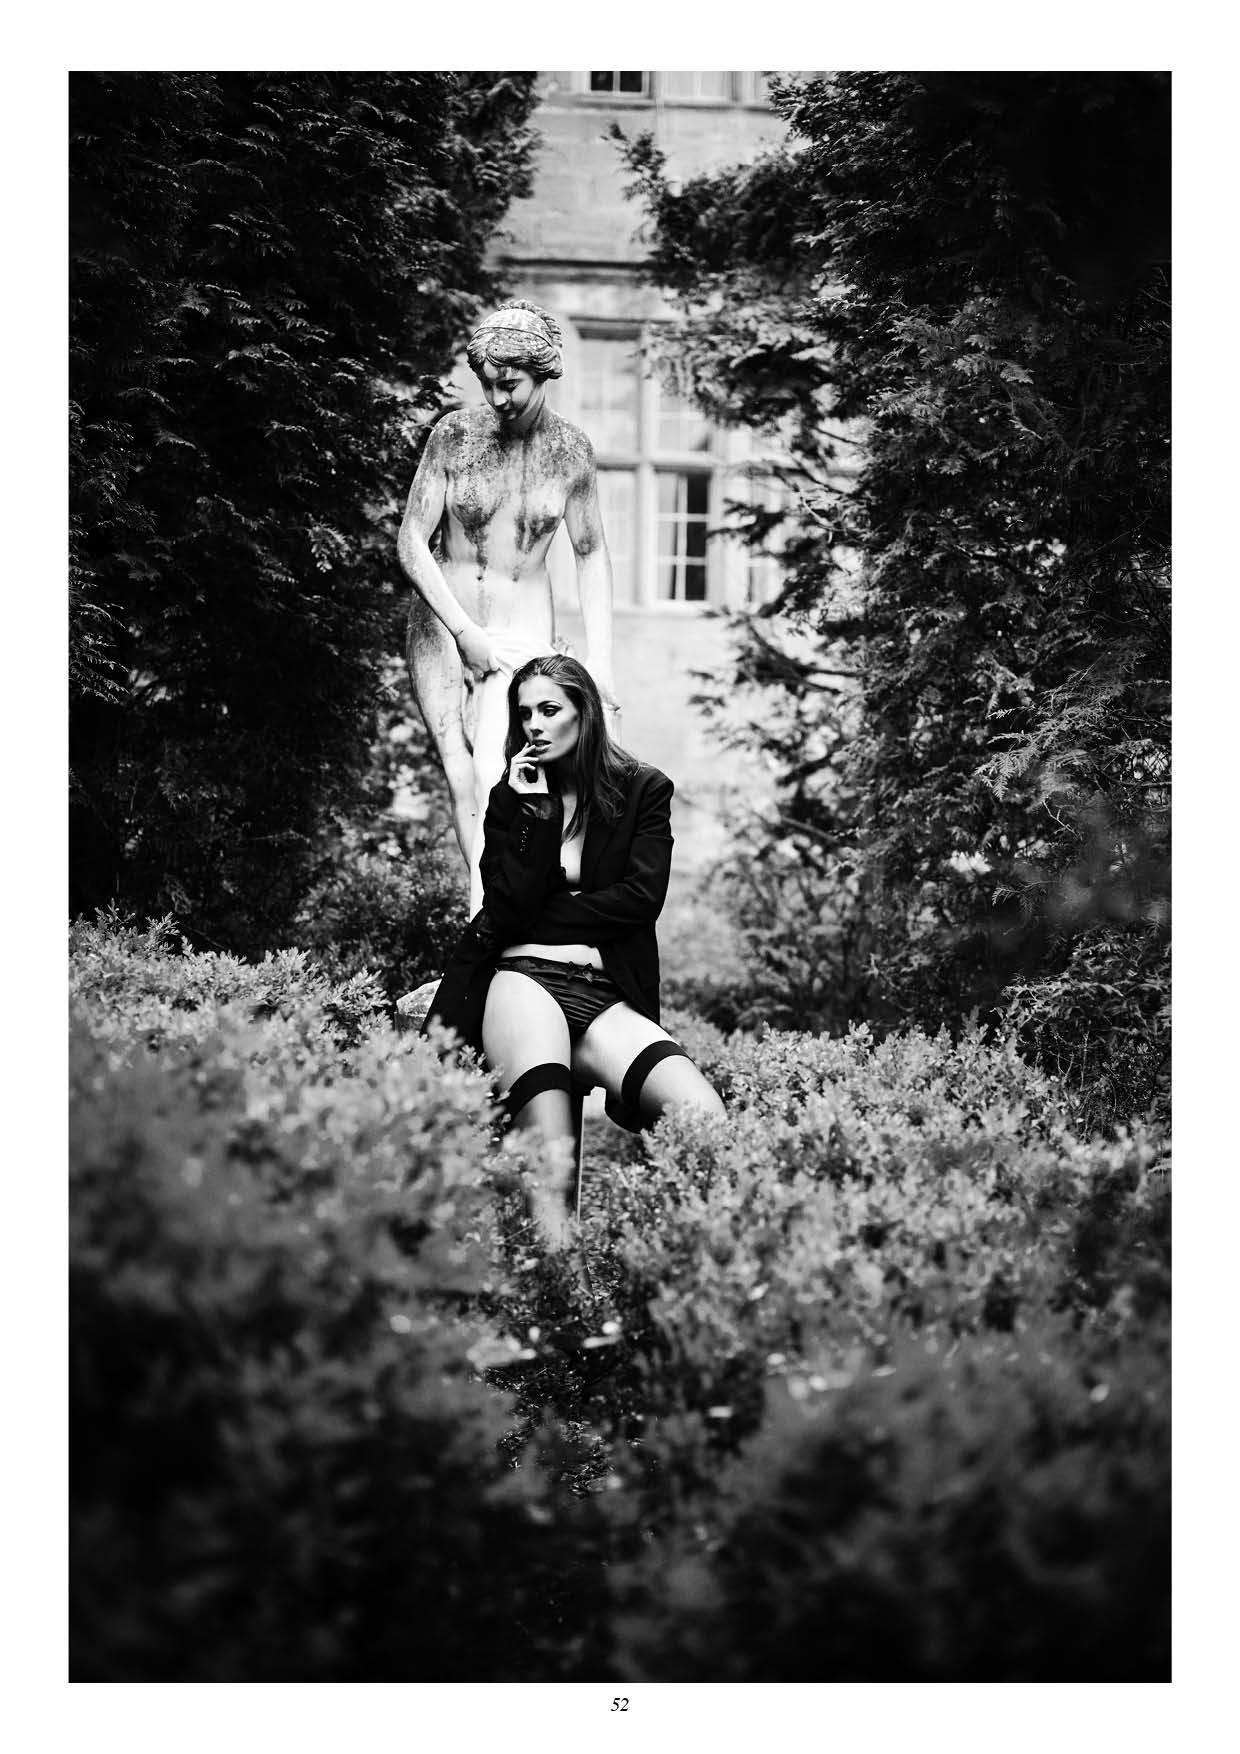 Georgina-Toms-L'Beaut-Matthew-Stansfield-Photographer